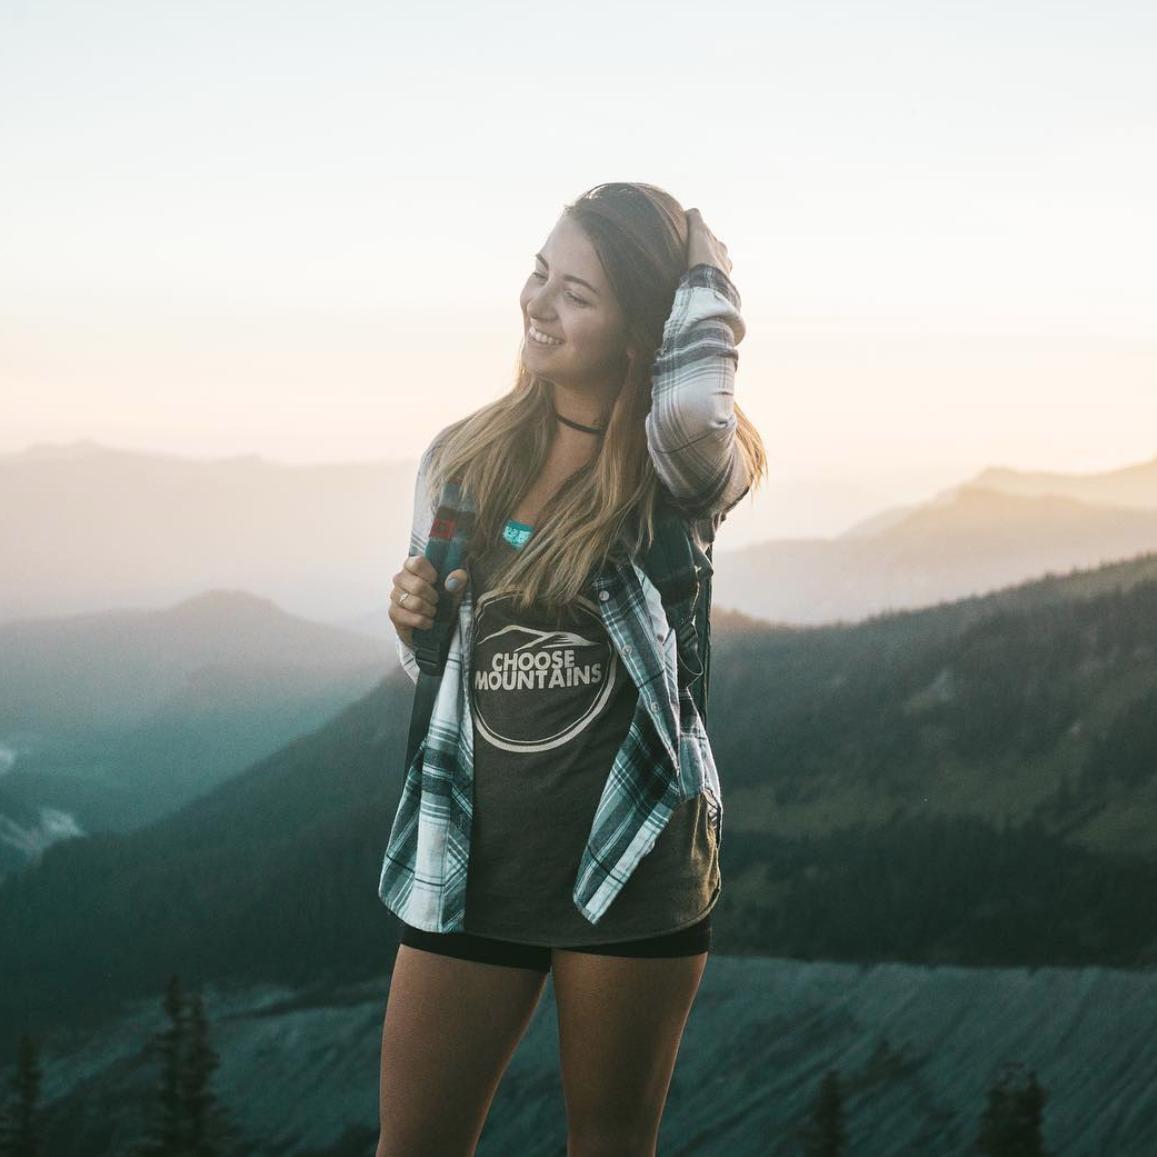 crystal-frankenbery-backpacker-travel-blogger-of-hello-adventure-co.jpg